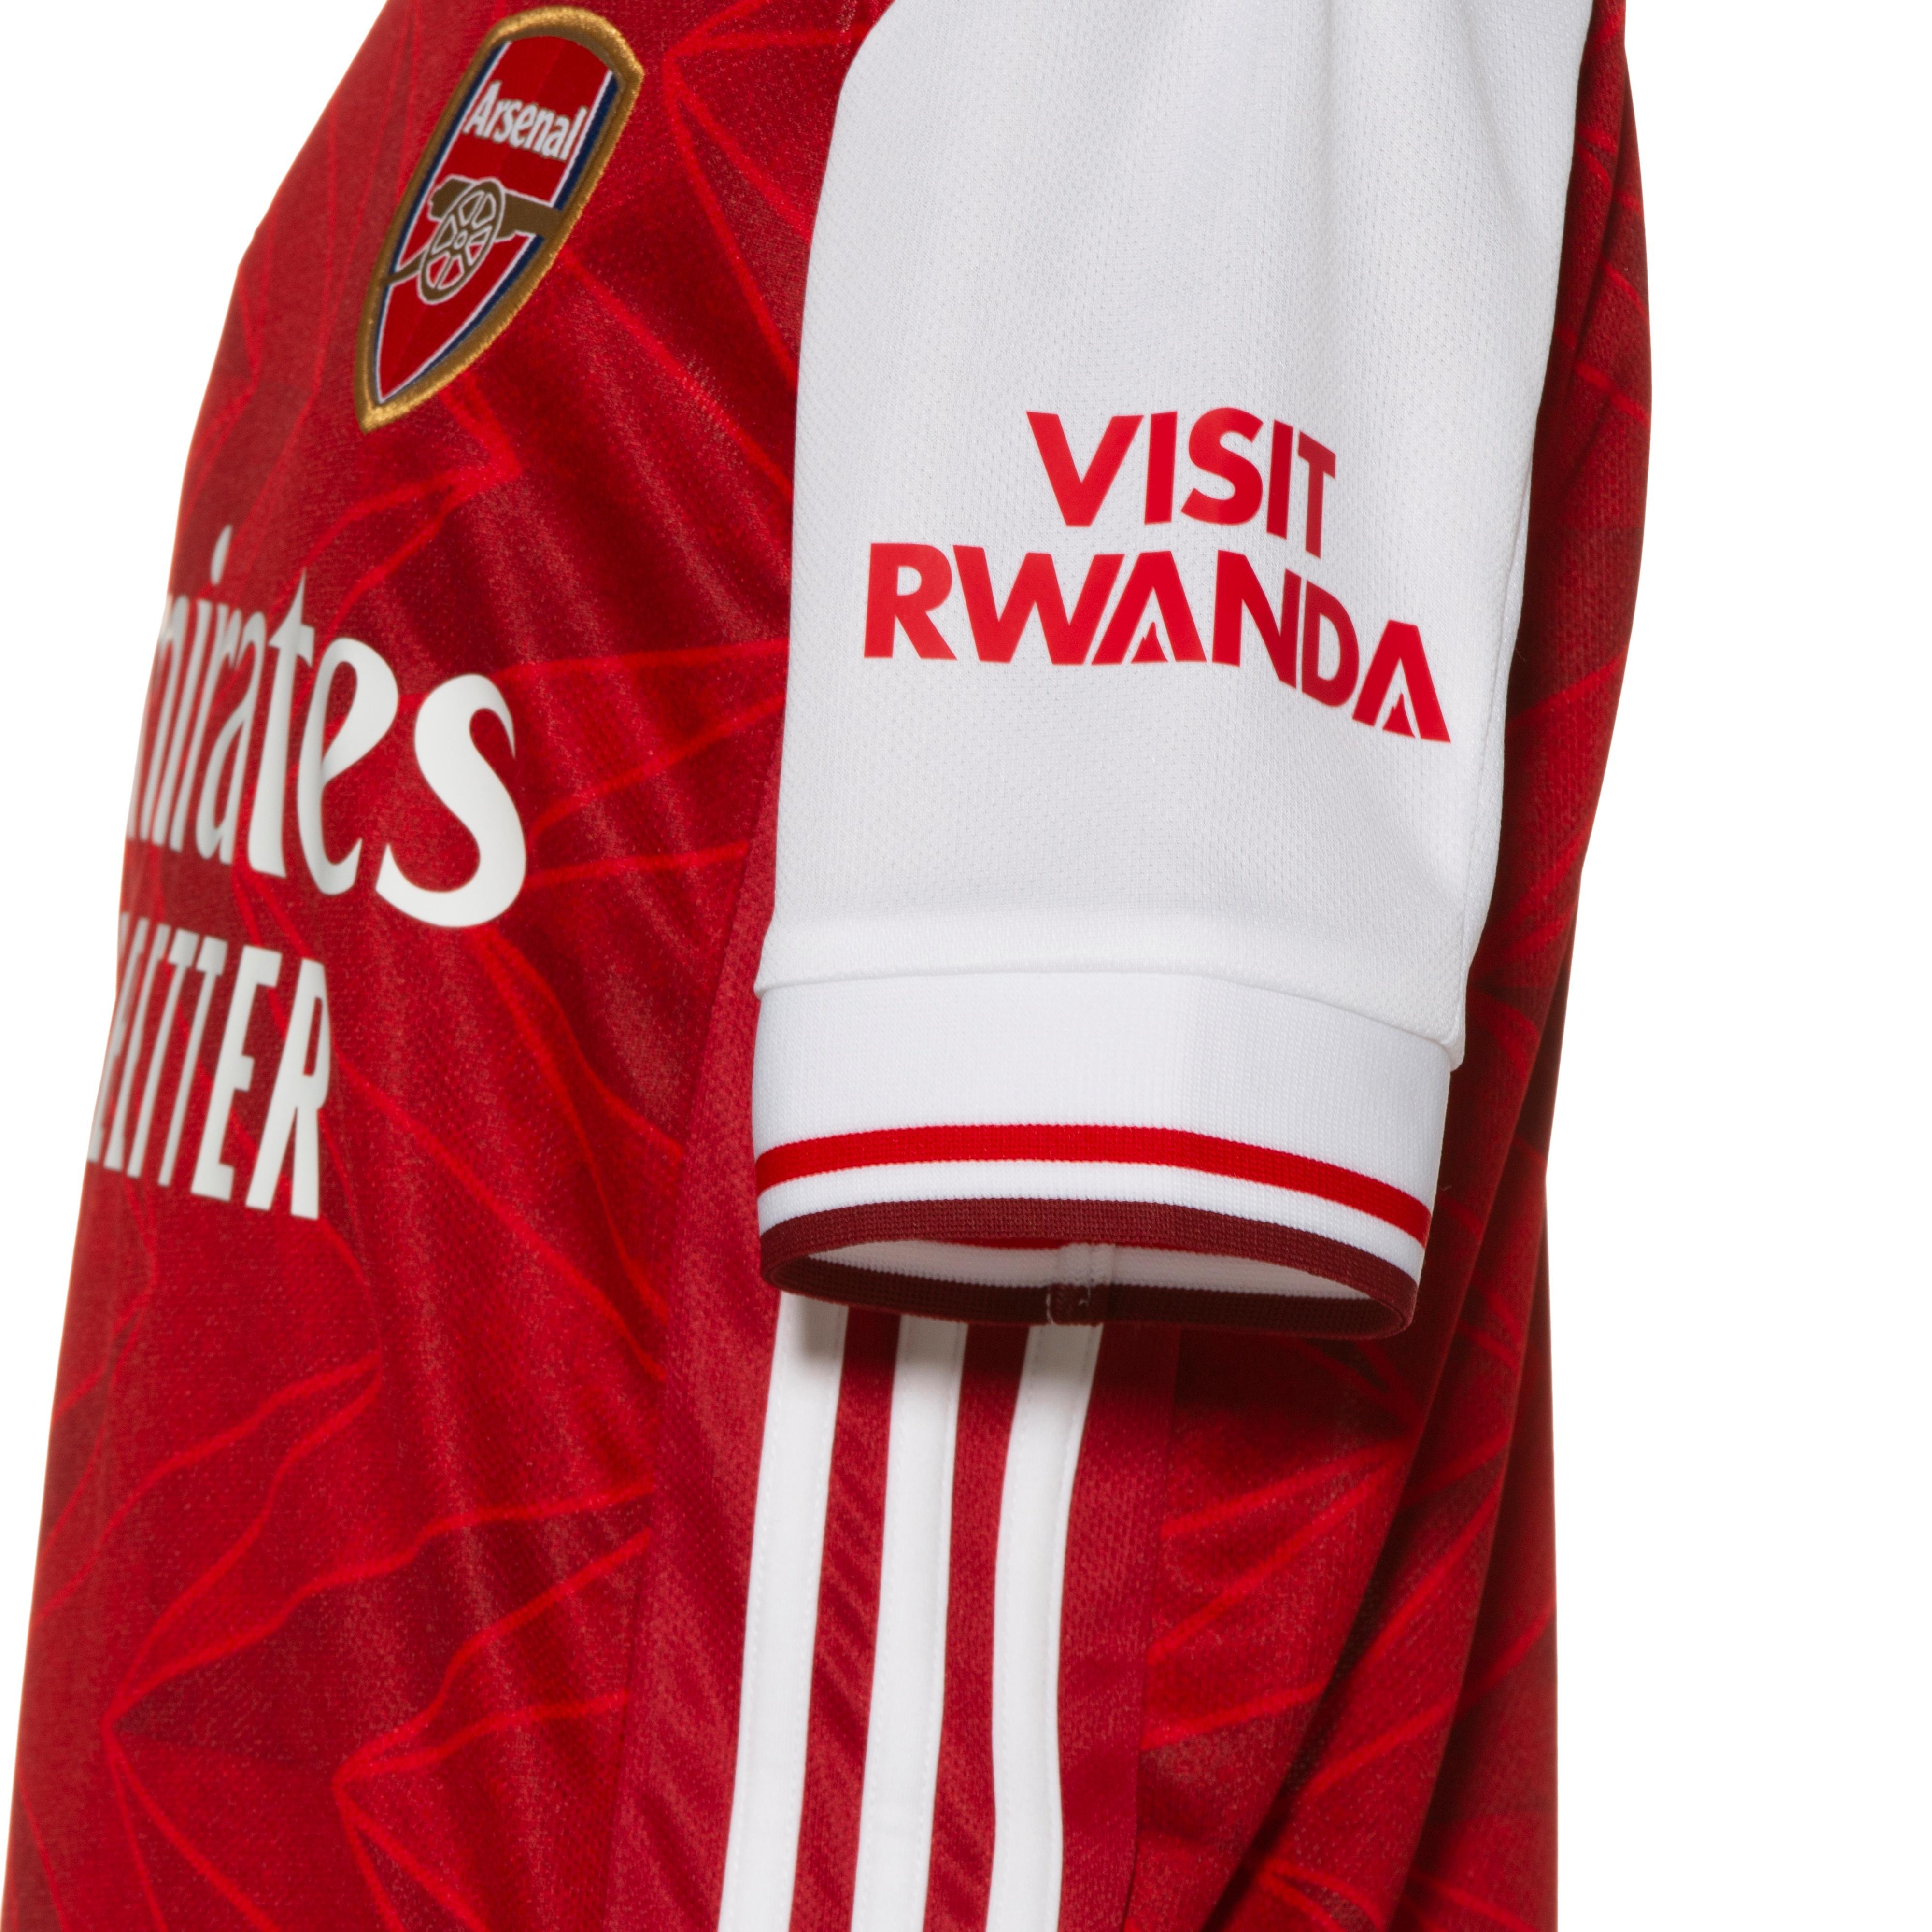 adidas arsenal london 20 21 heim trikot kinder active maroon im online shop von sportscheck kaufen